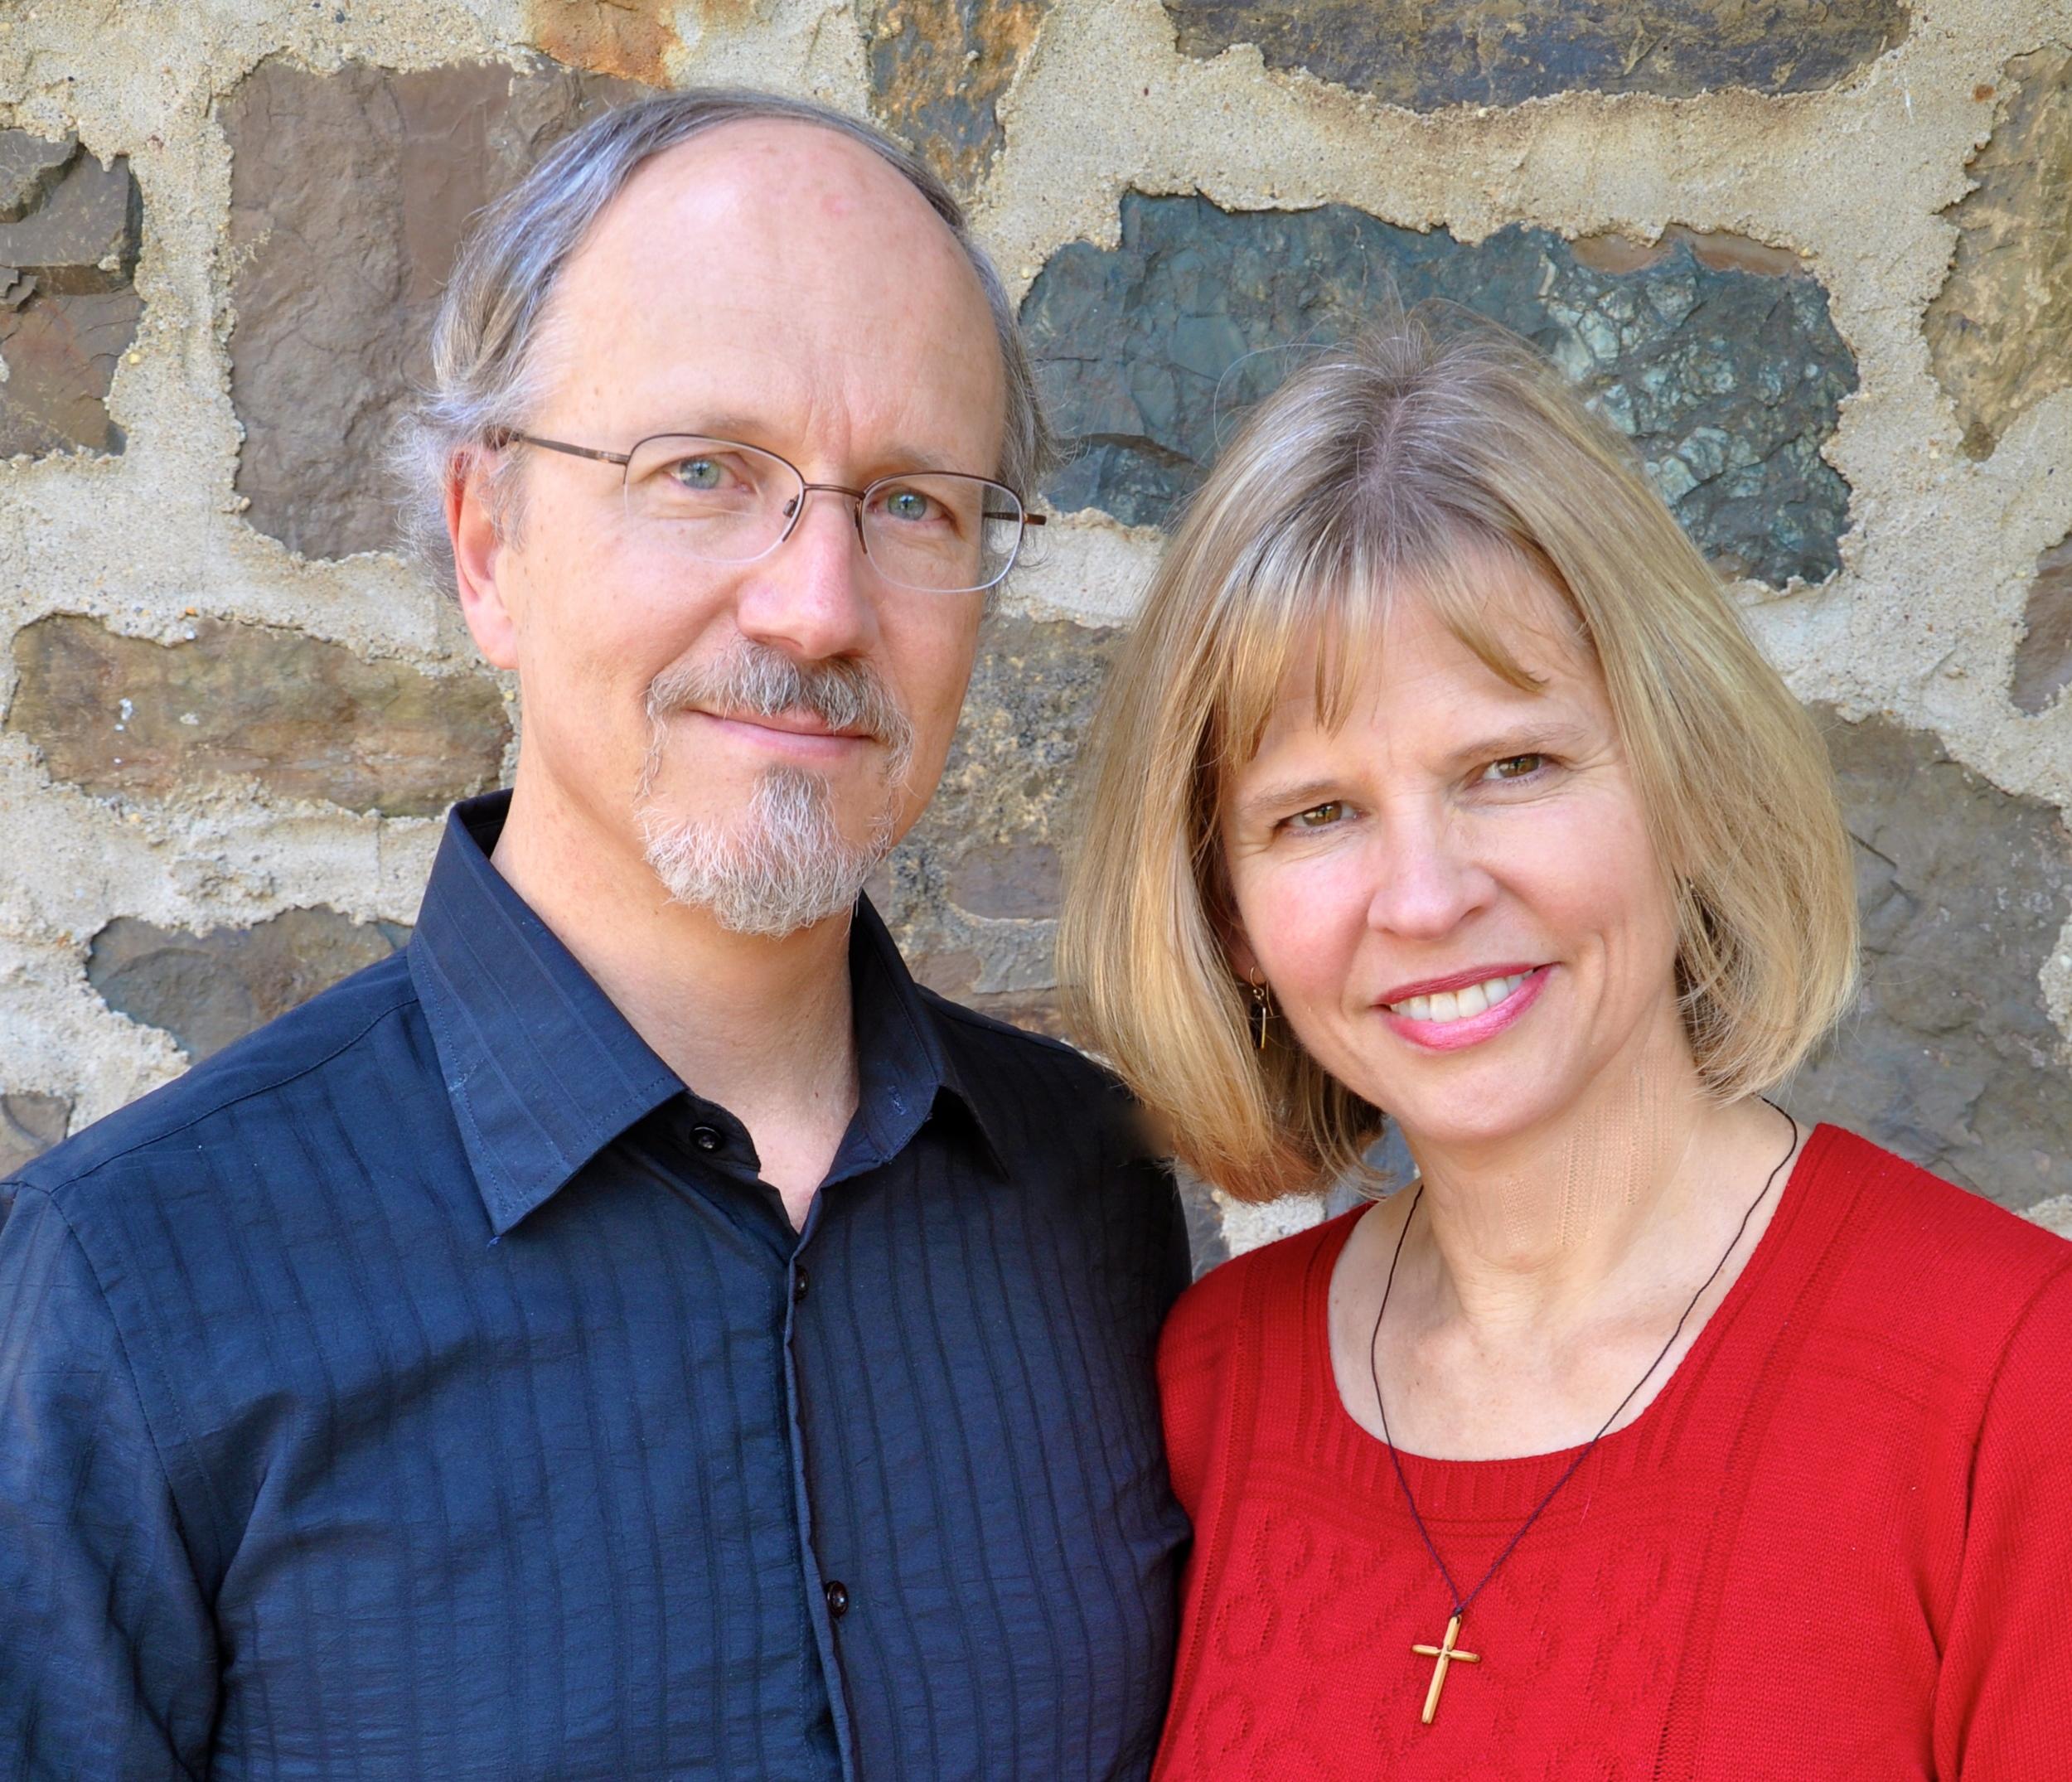 borquist_couple_2011.jpg